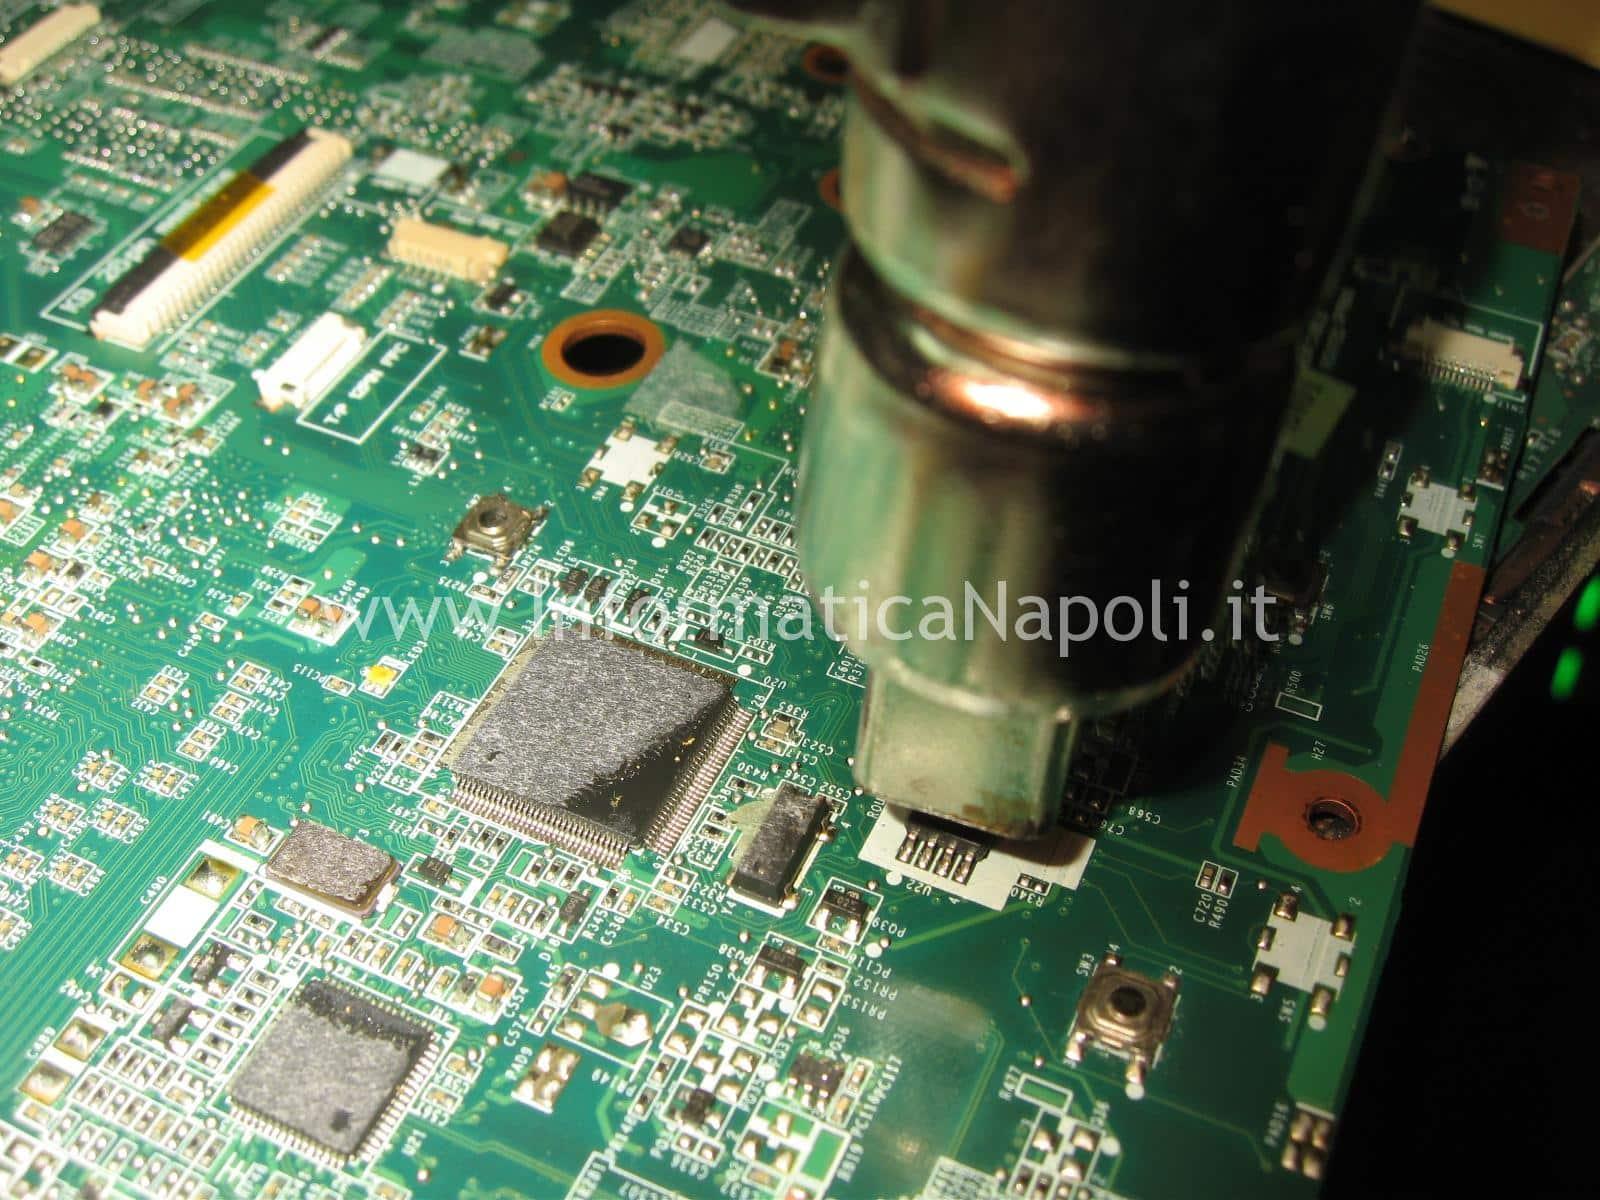 recupero recovery programmazione bios programmare bios Macronix MX25L644 ASUS A55V K55VD